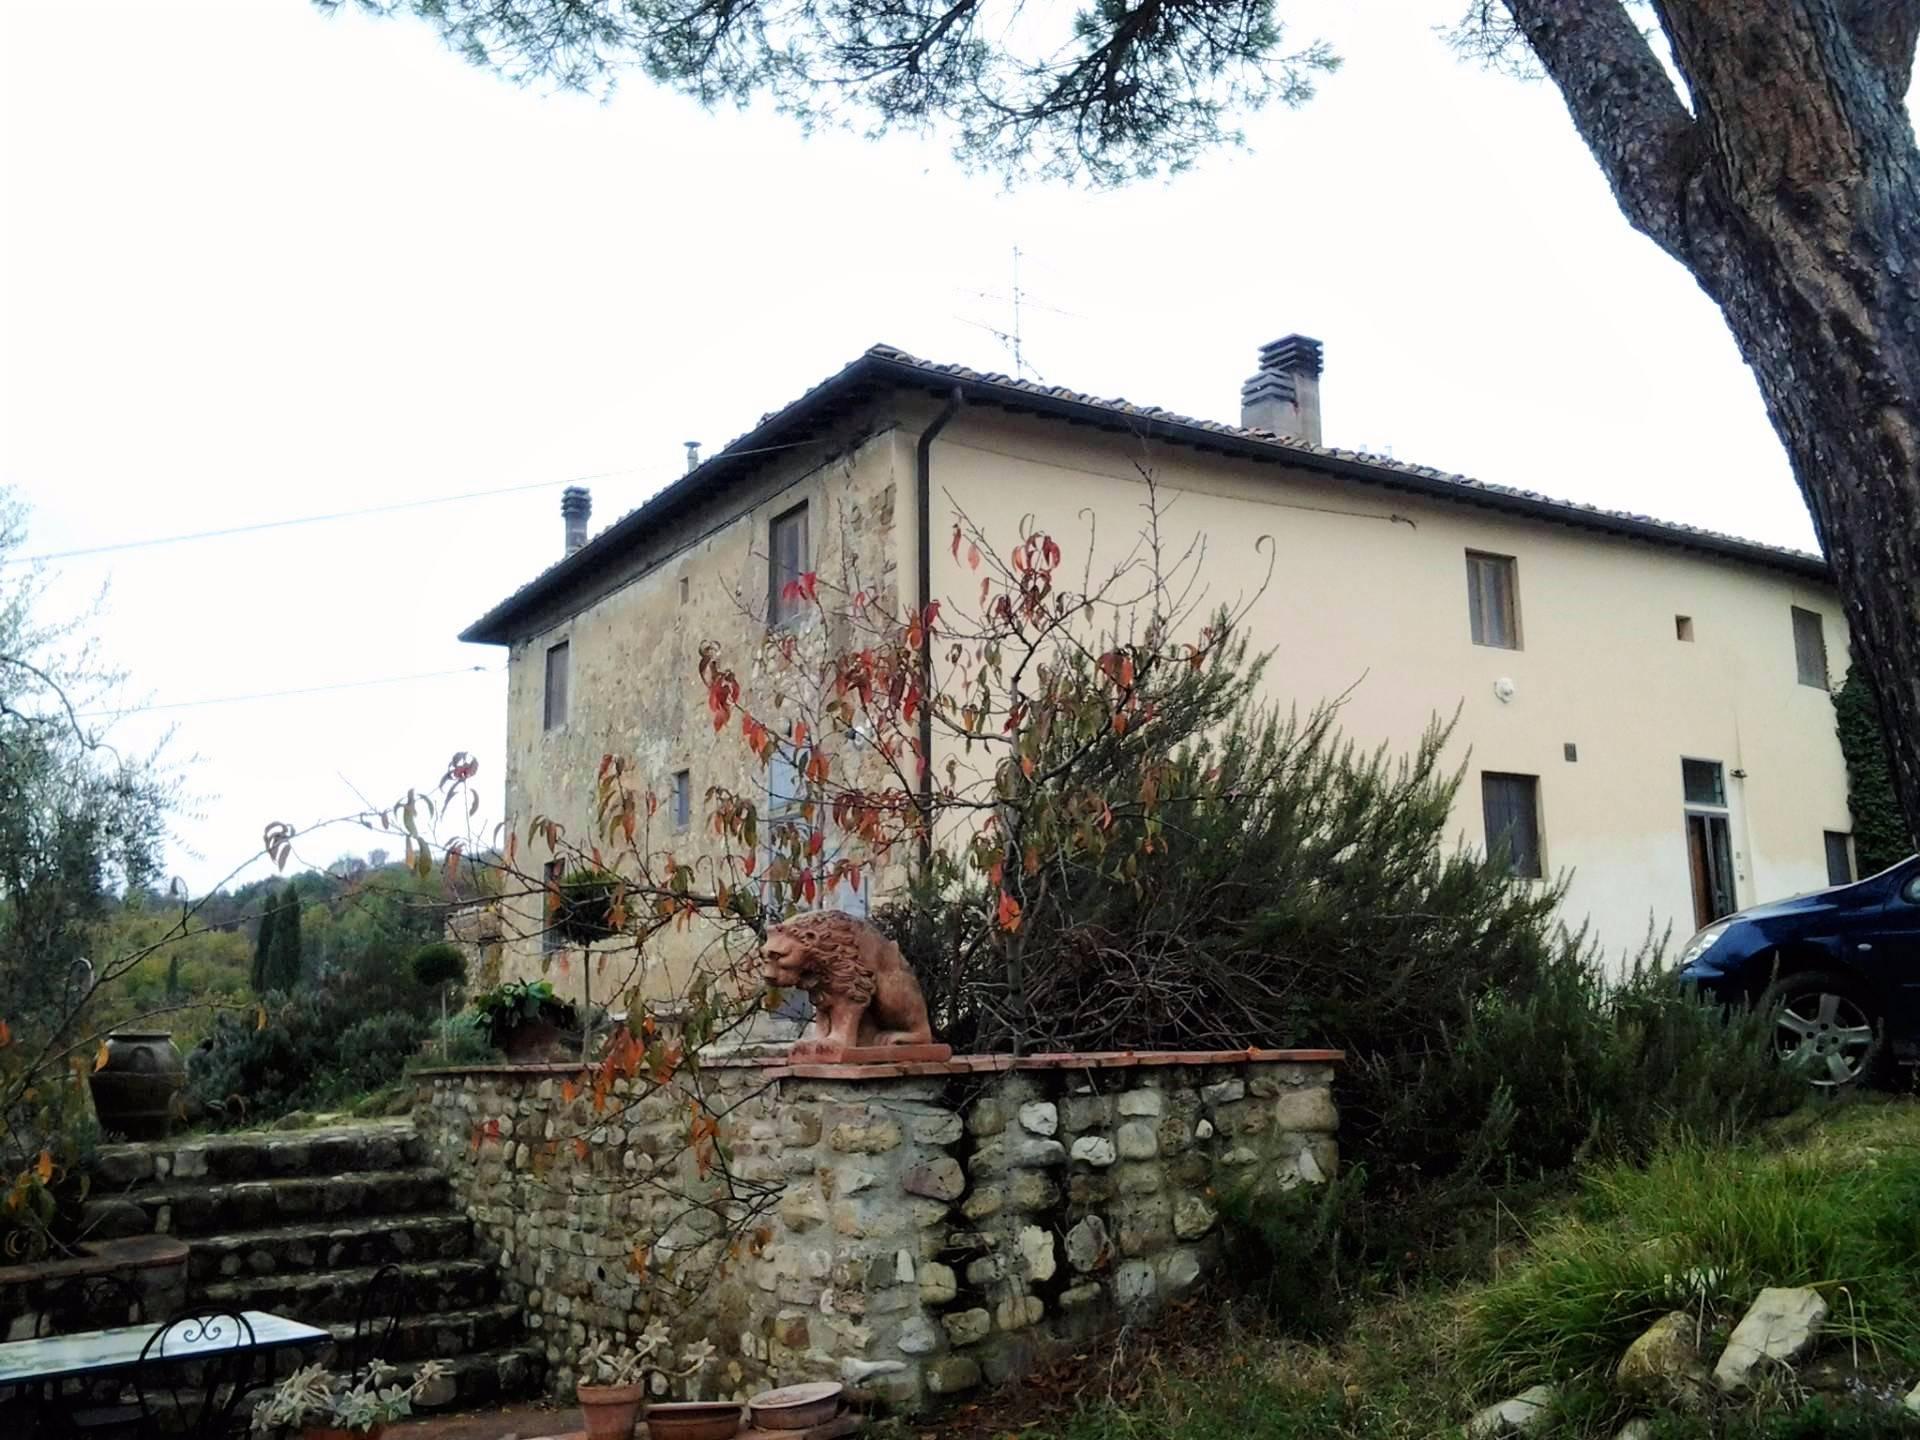 Rustico / Casale in vendita a San Casciano in Val di Pesa, 15 locali, prezzo € 685.000   Cambio Casa.it